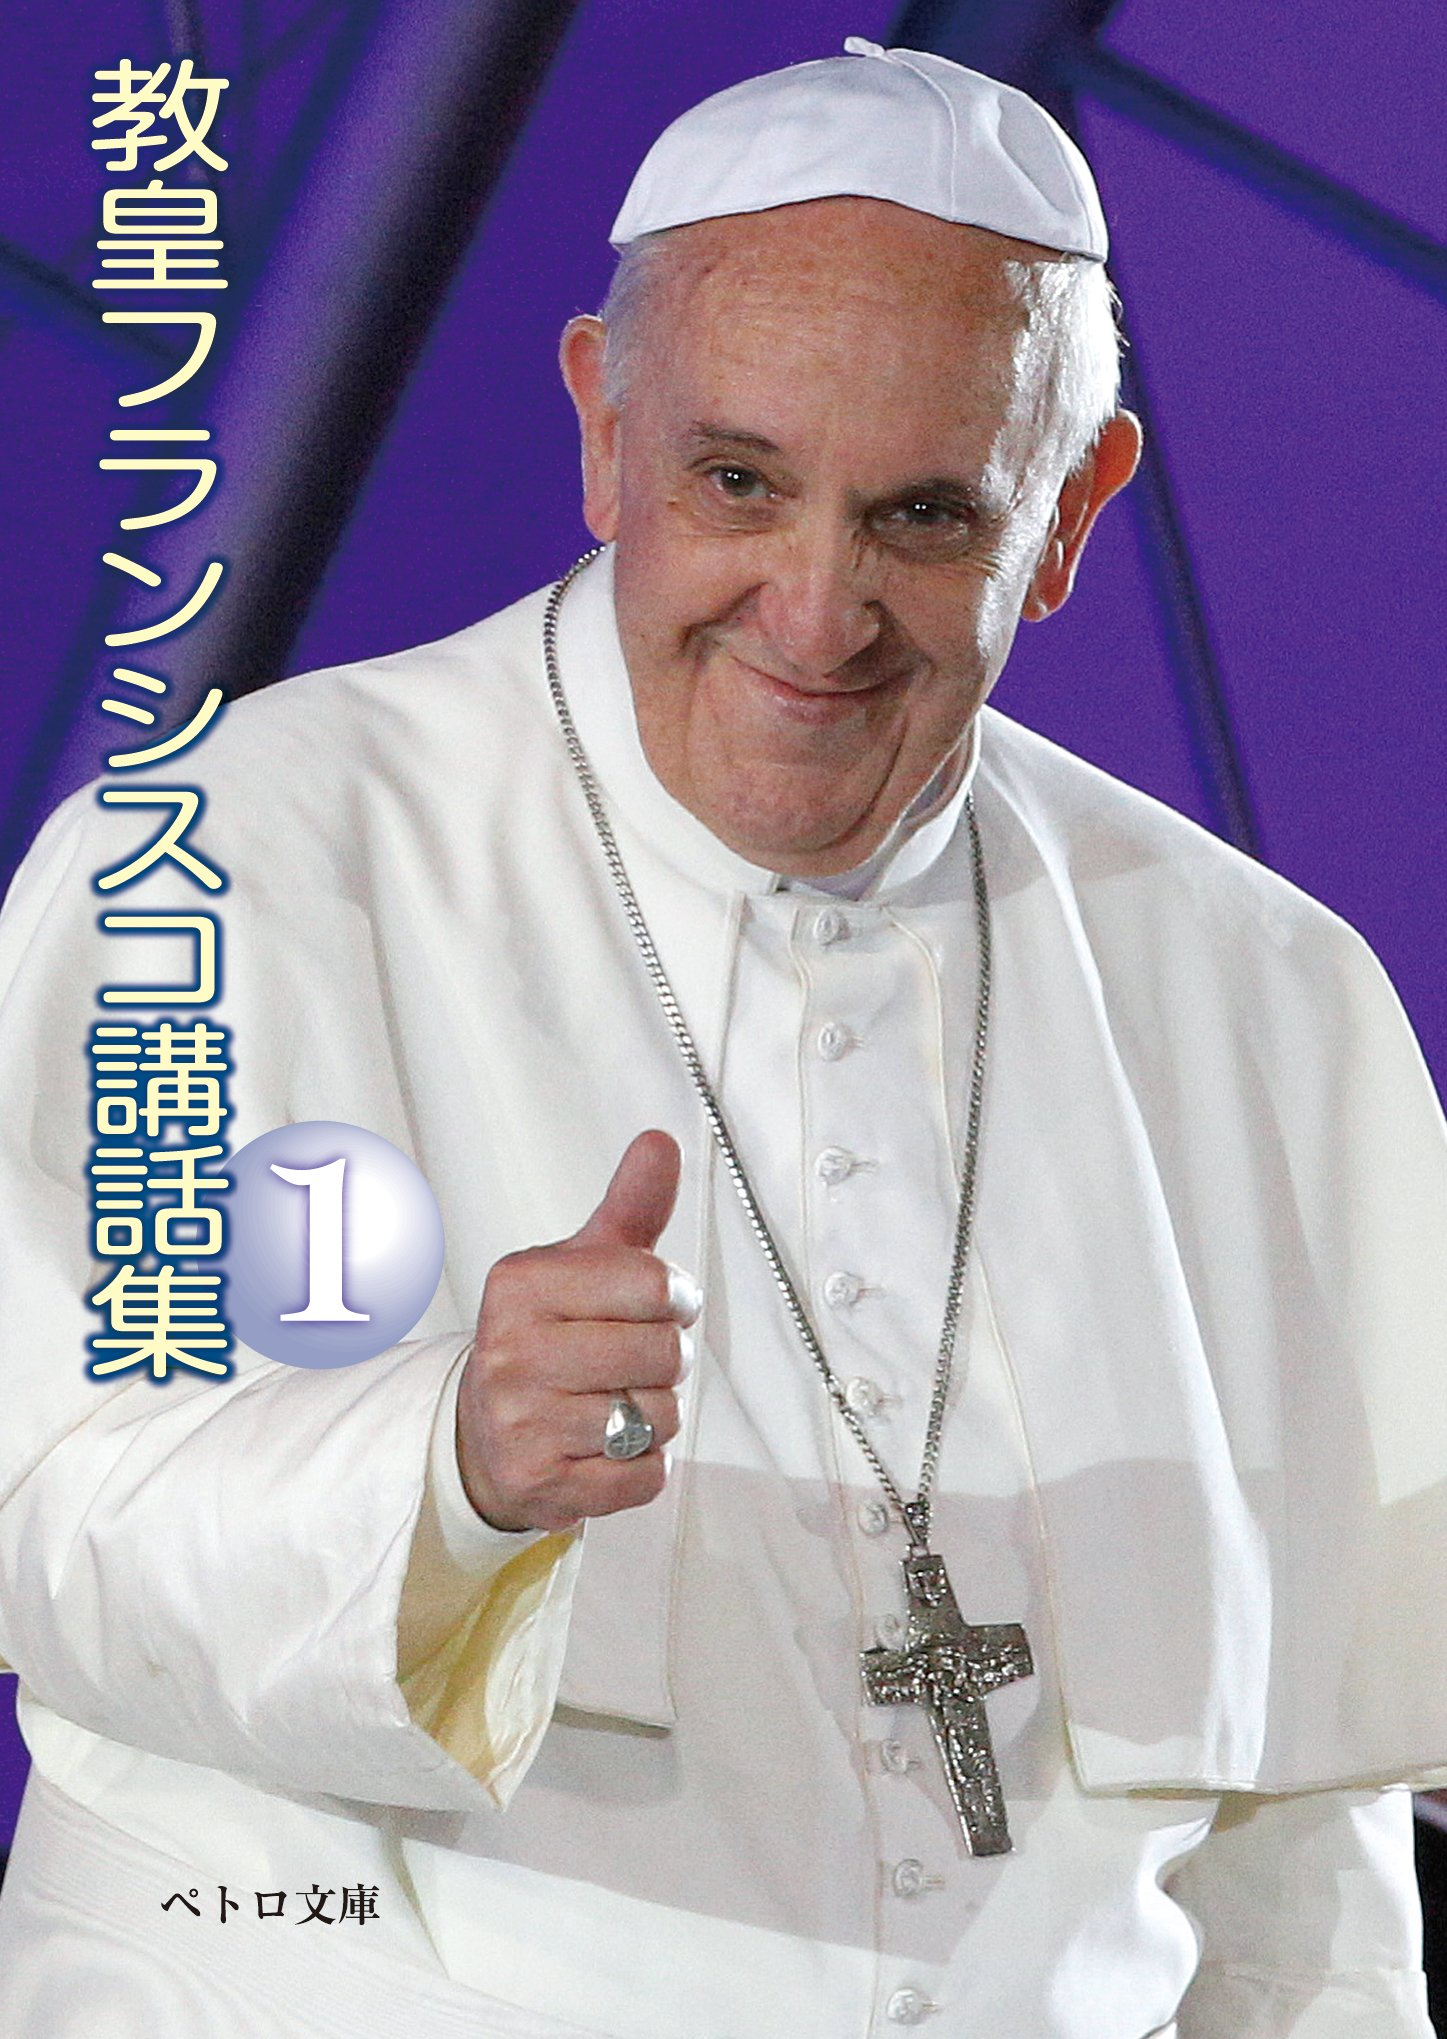 教皇フランシスコ講話集1 (ペトロ文庫) (ペトロ文庫 25) | 教皇 ...